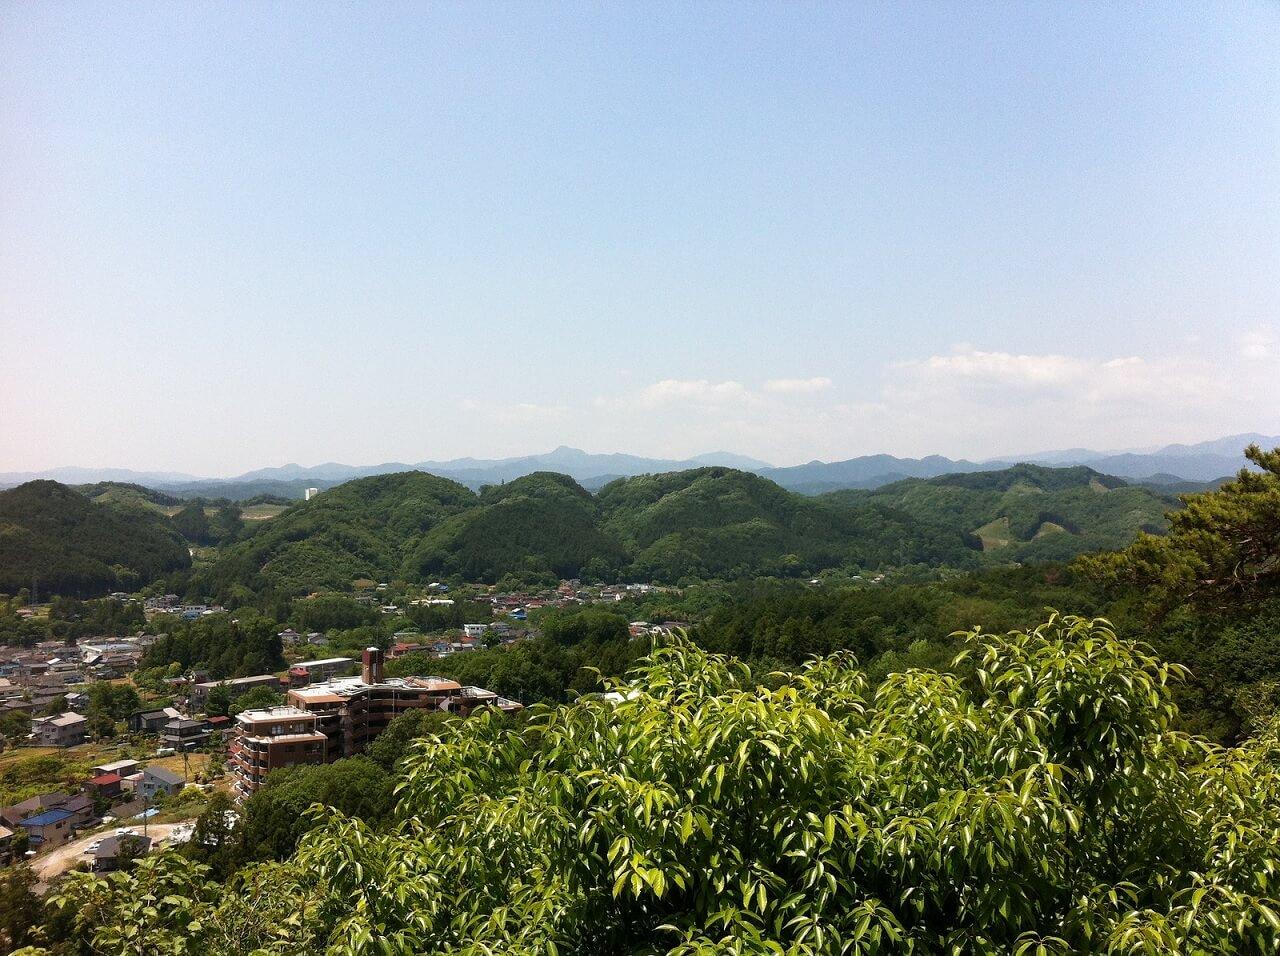 Panorama visto dal monte Tenran (Tenranzan), nella prefettura di Saitama